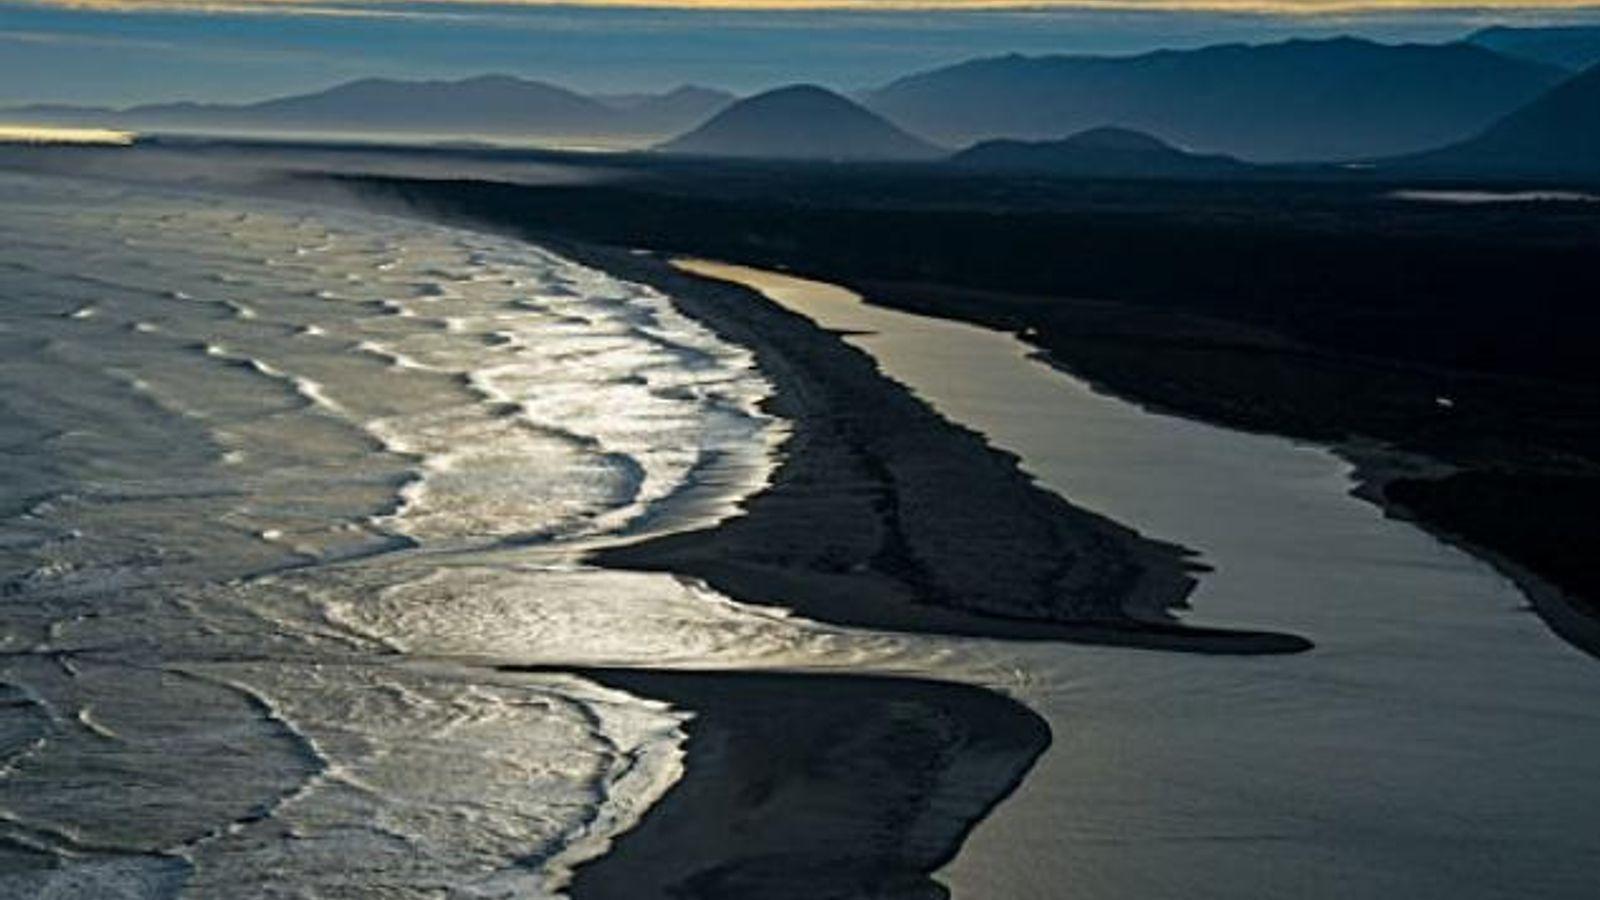 Gletschergeformtes Land